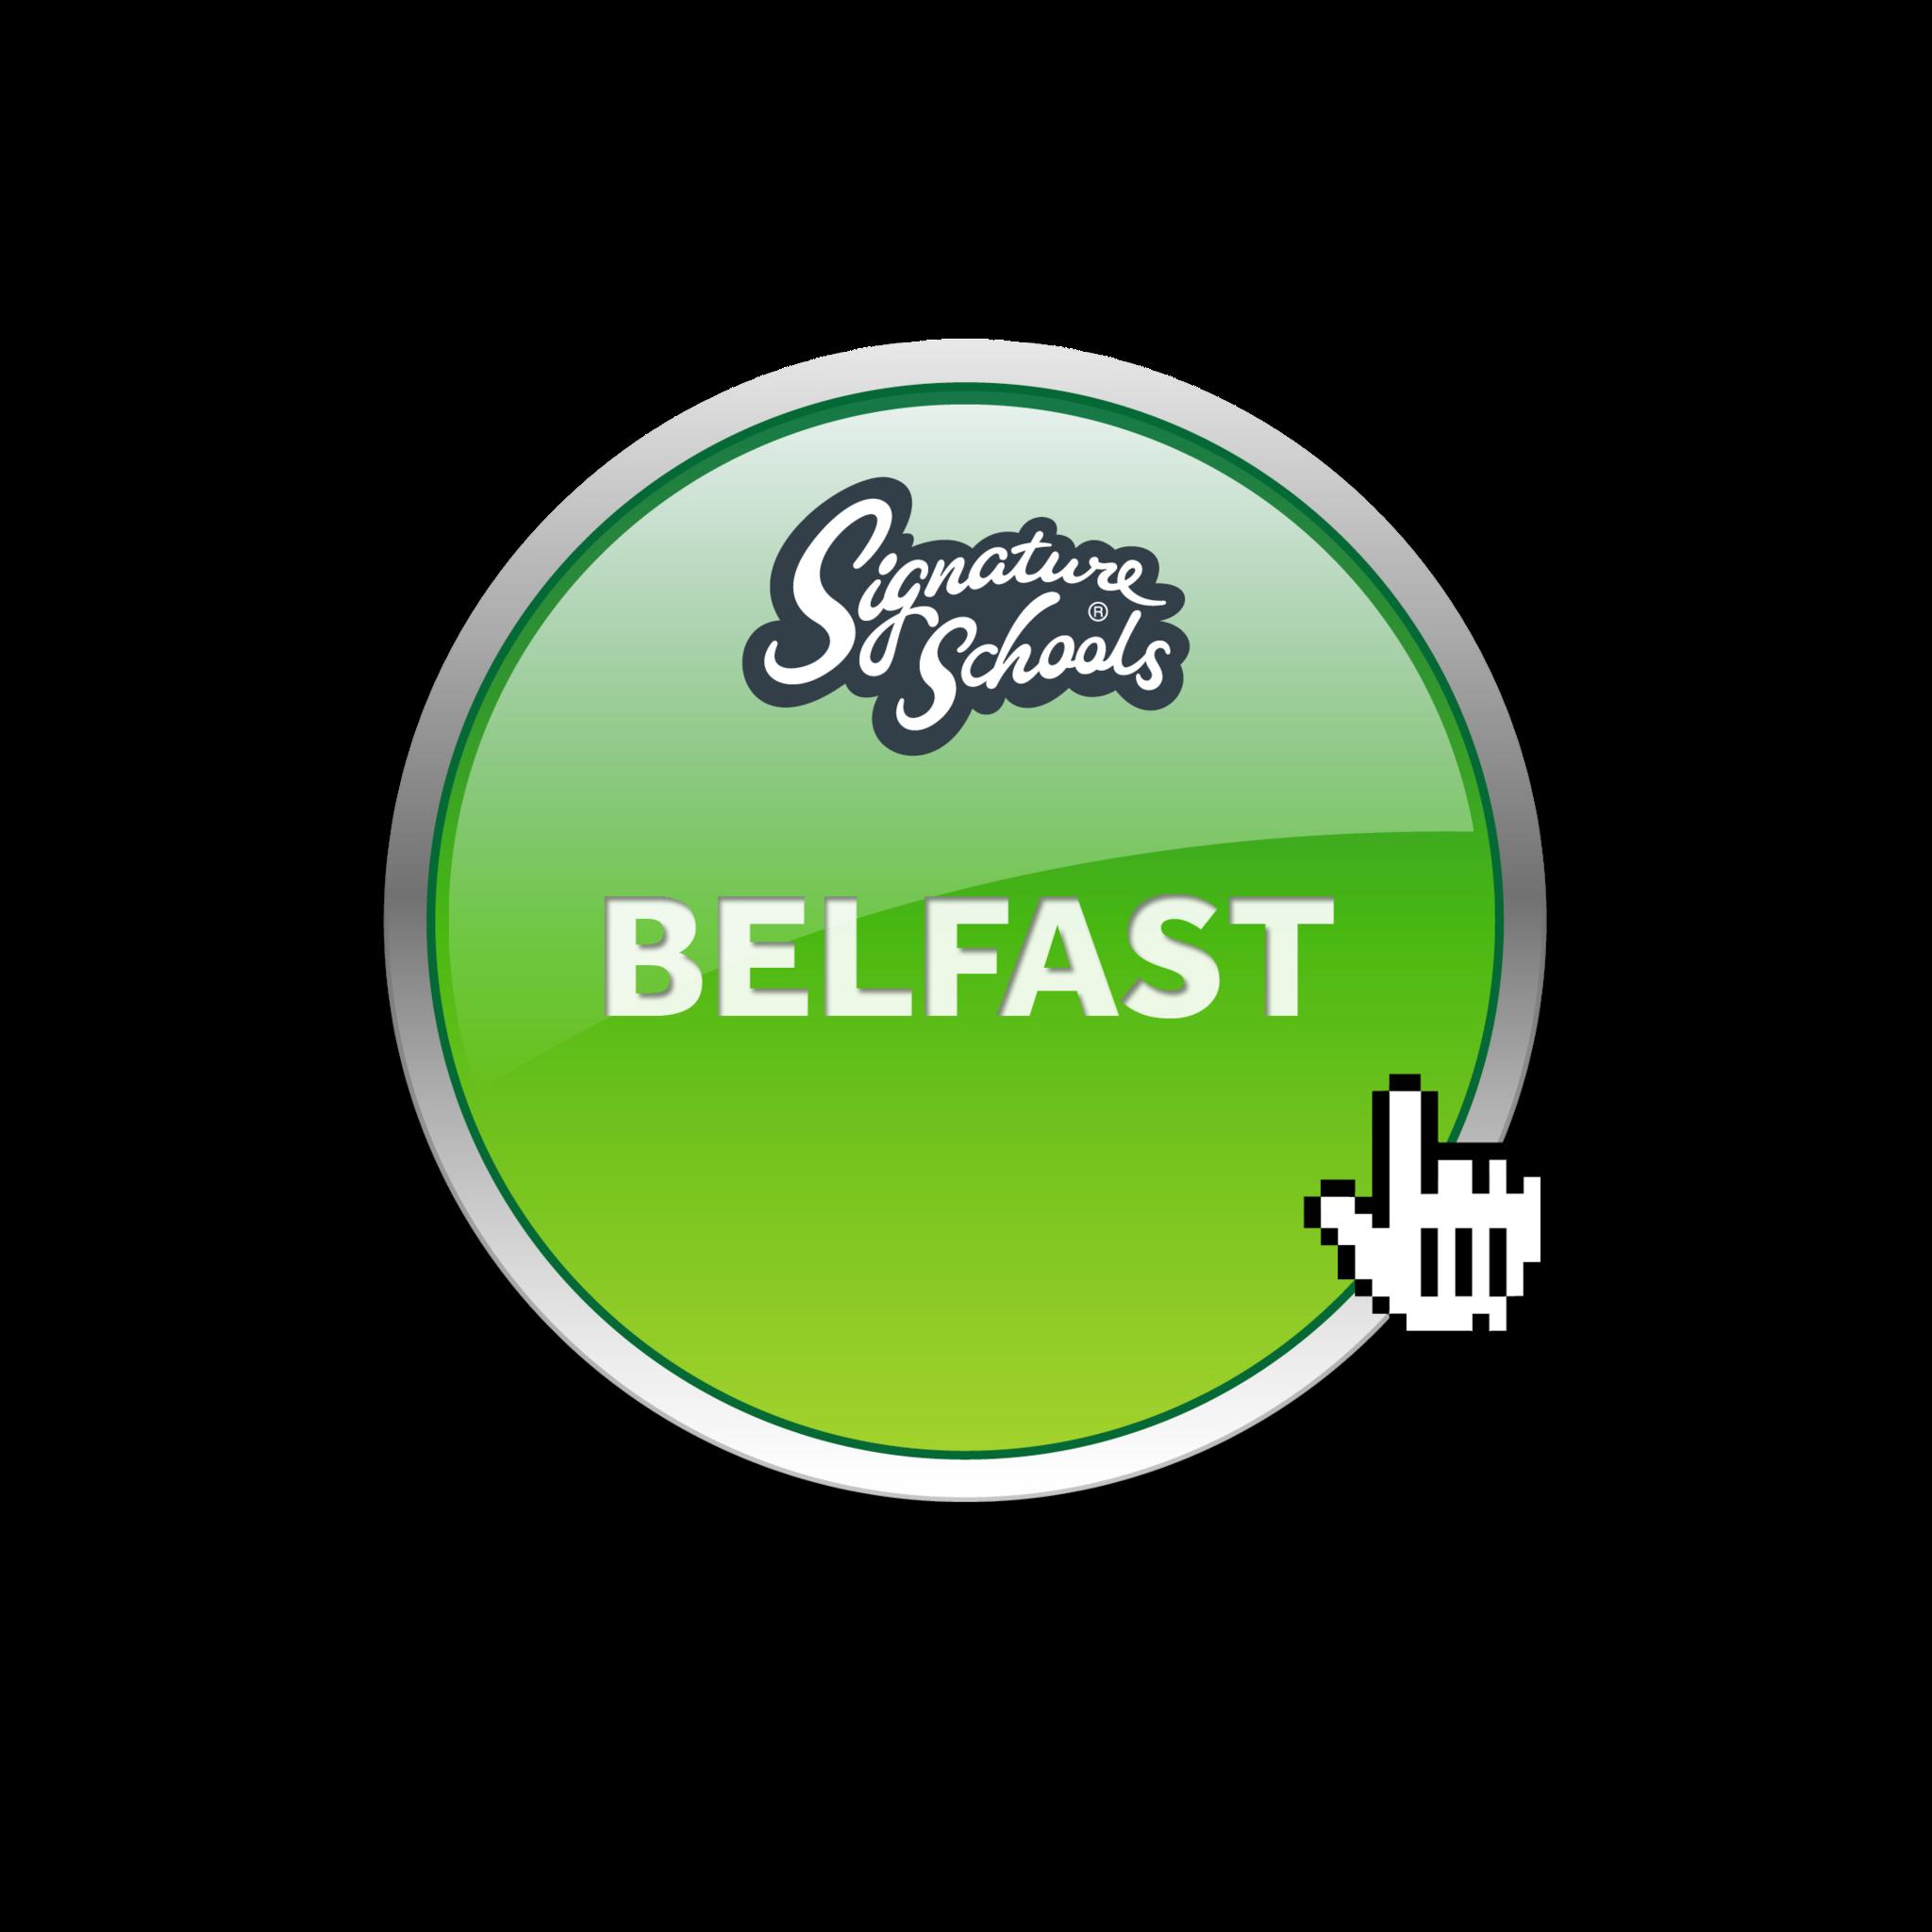 Signature Schools Belfast